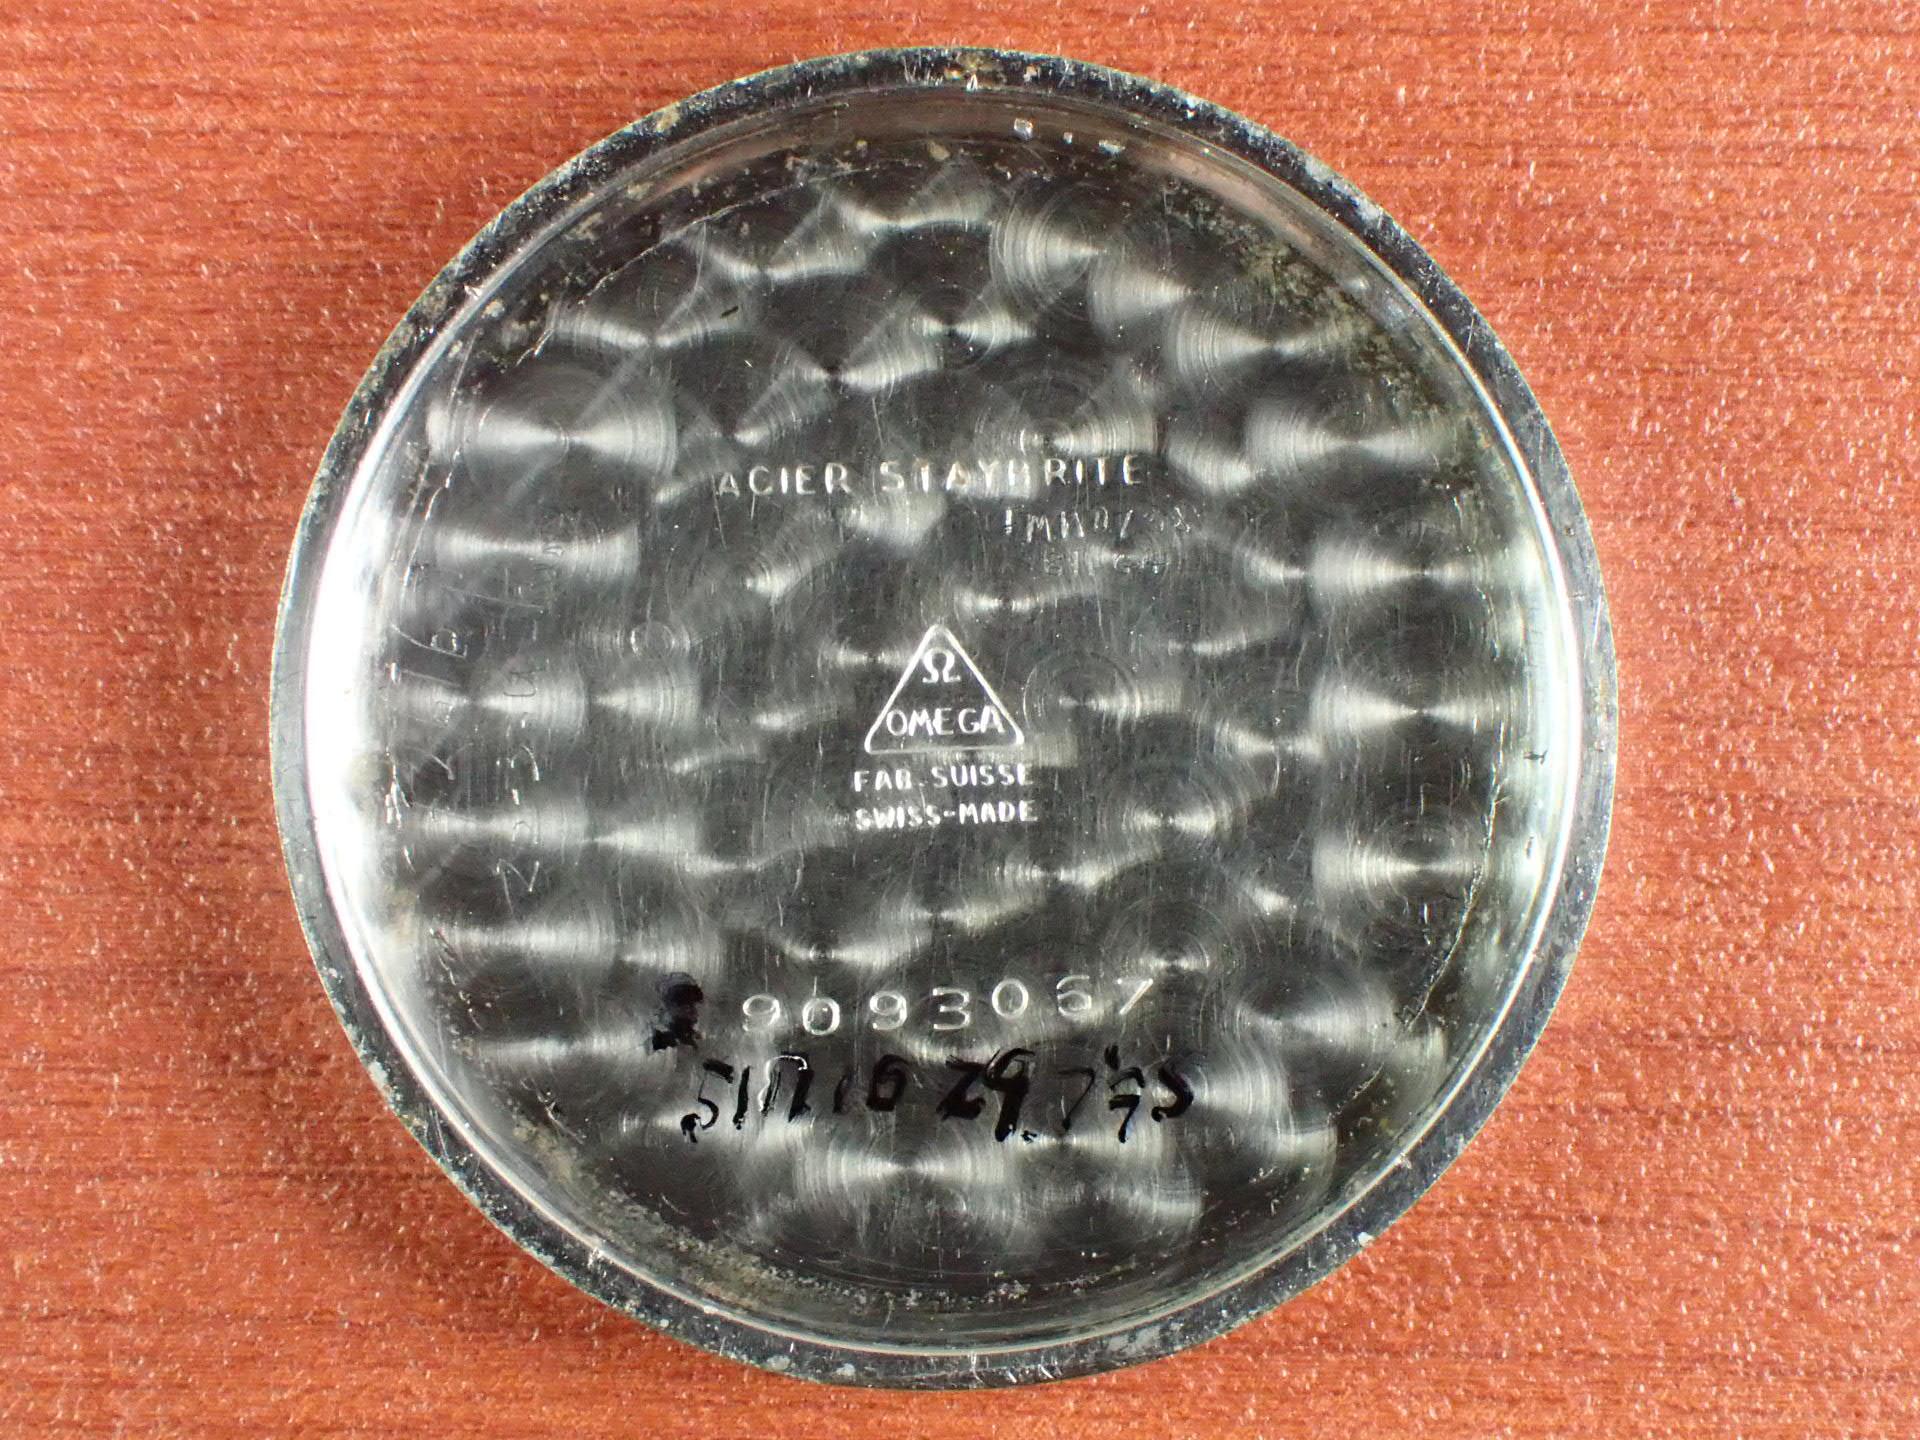 オメガ ローマンセクターダイアル フラットベゼル Cal.26.5 SOB 1930年代の写真6枚目